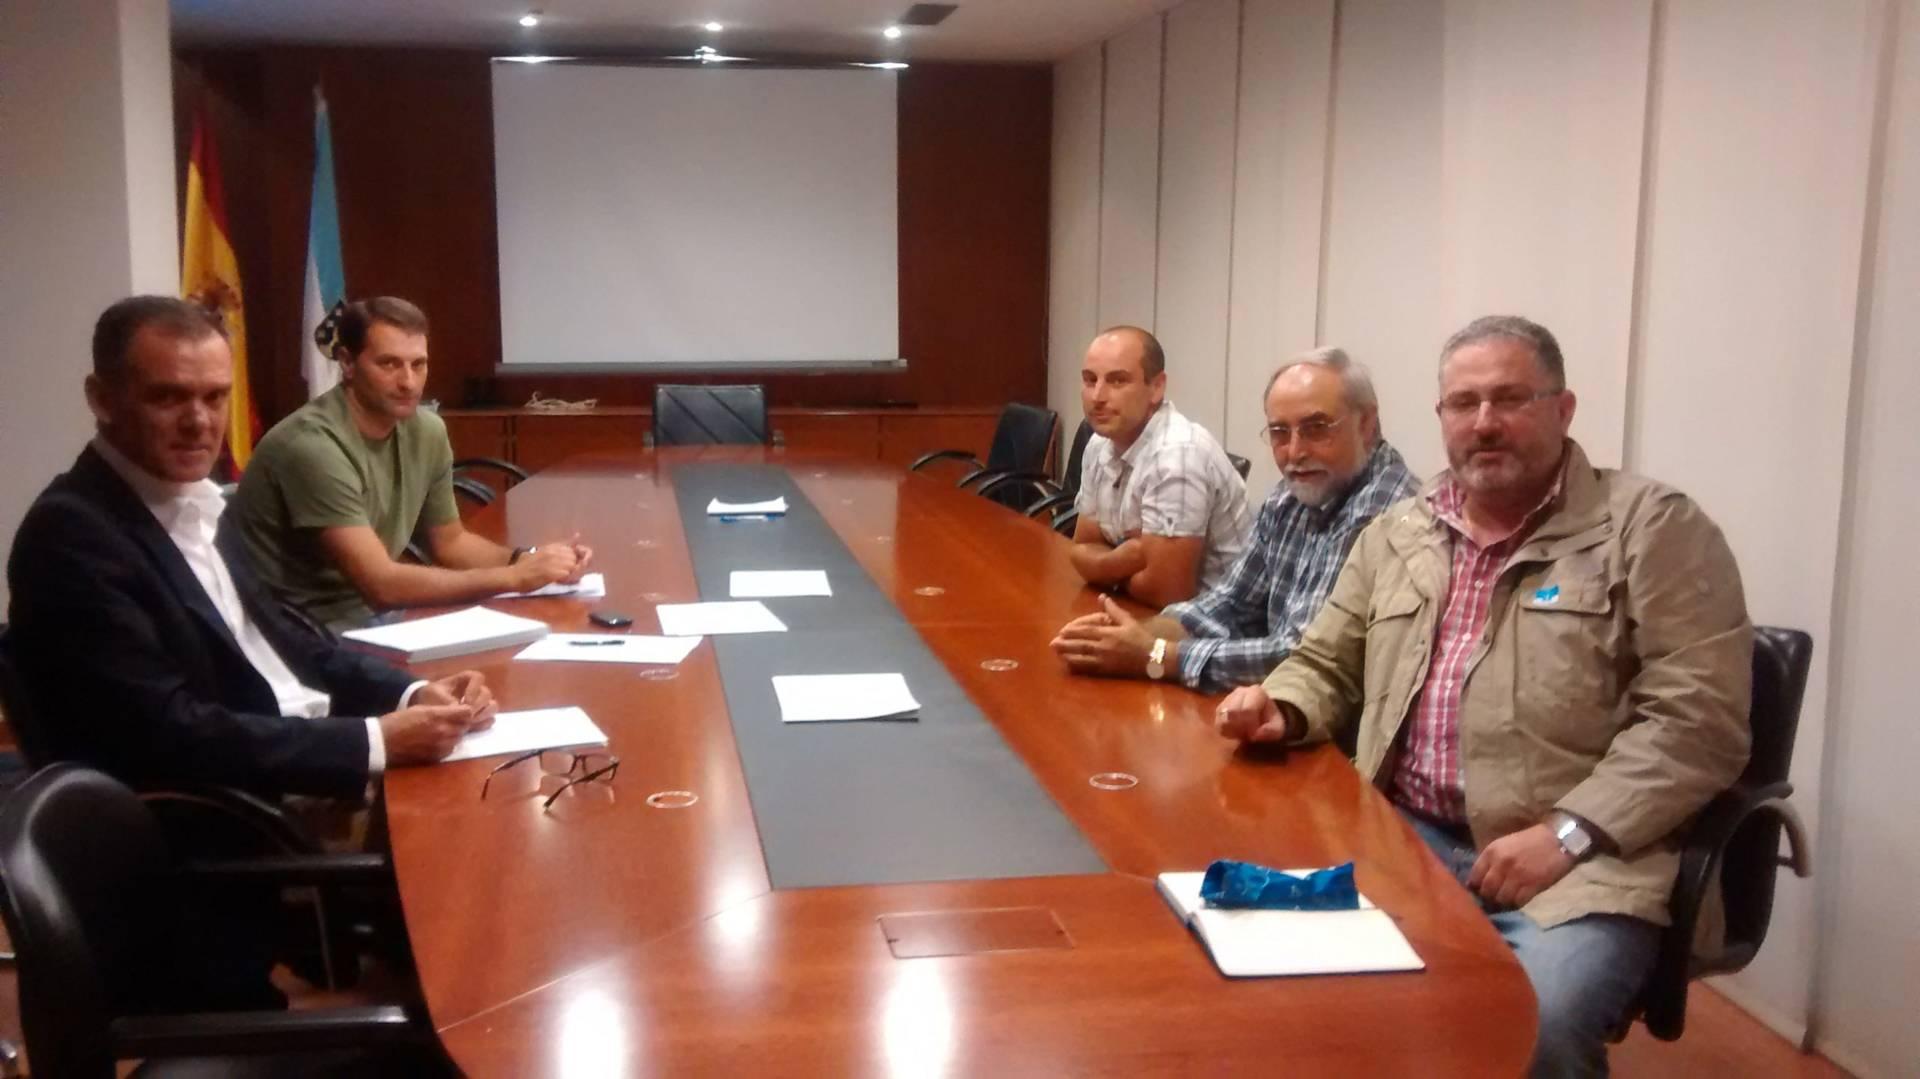 La Asociación de Clubes de Caza Maior de Galicia y representantes de la administración se reunieron el pasado lunes